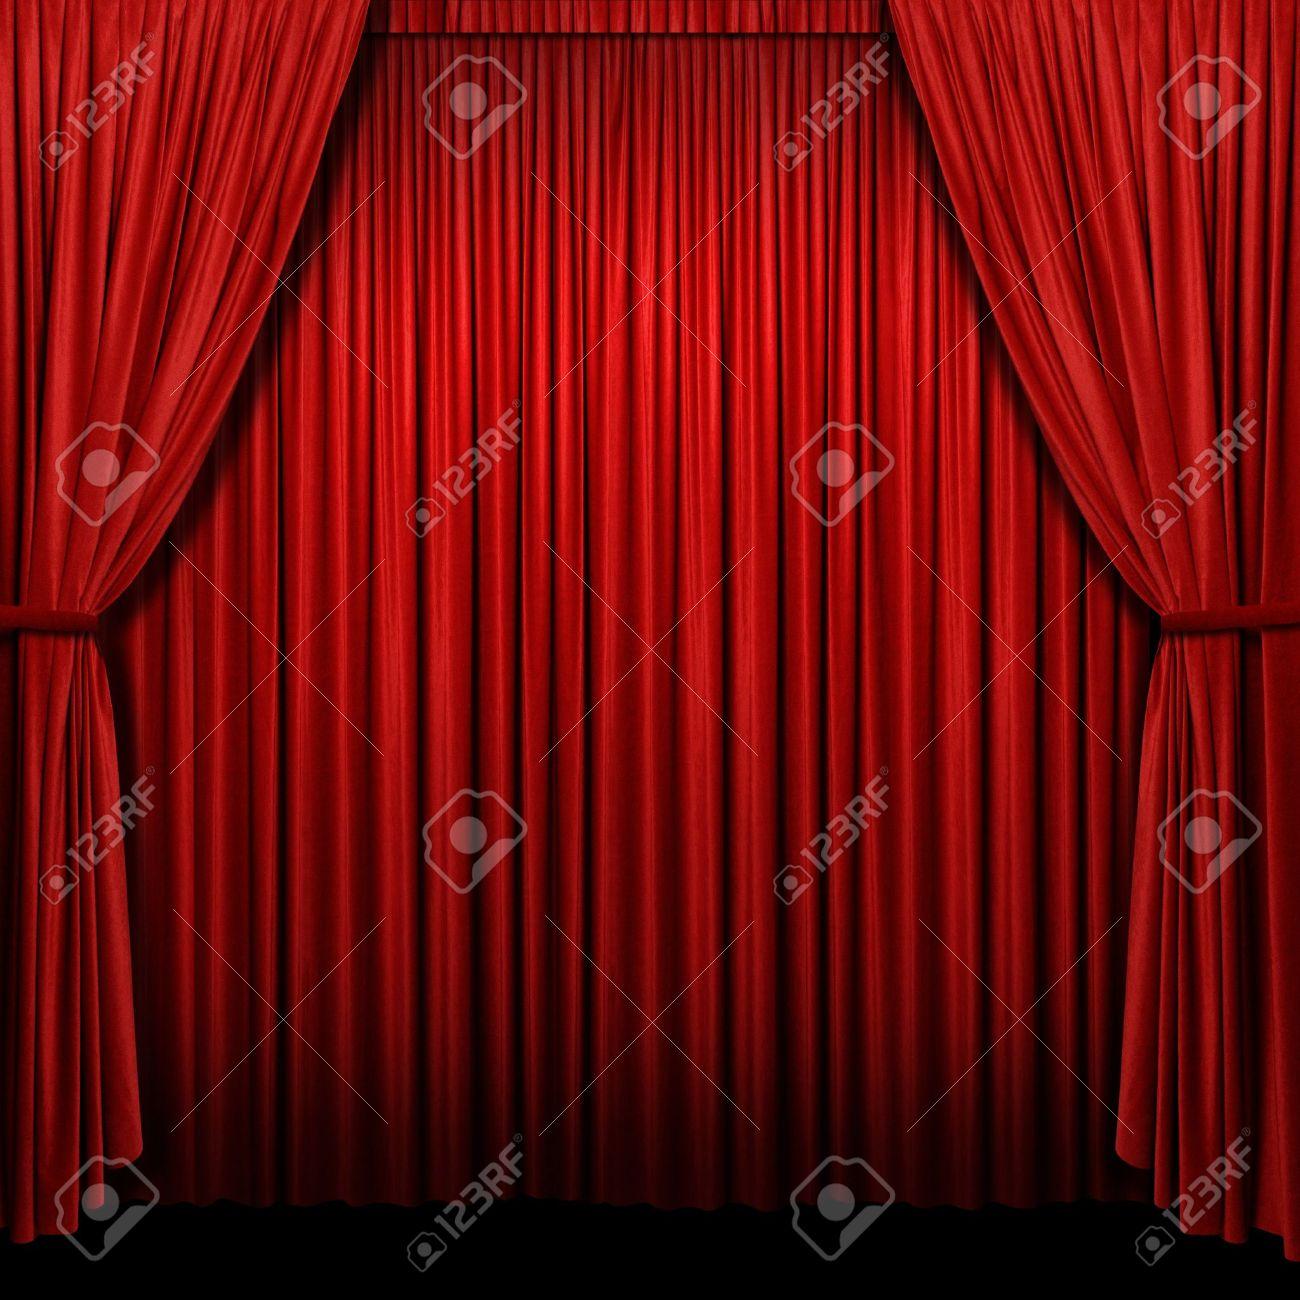 cortinas rojas con luces y sombras en formato cuadrado foto de archivo